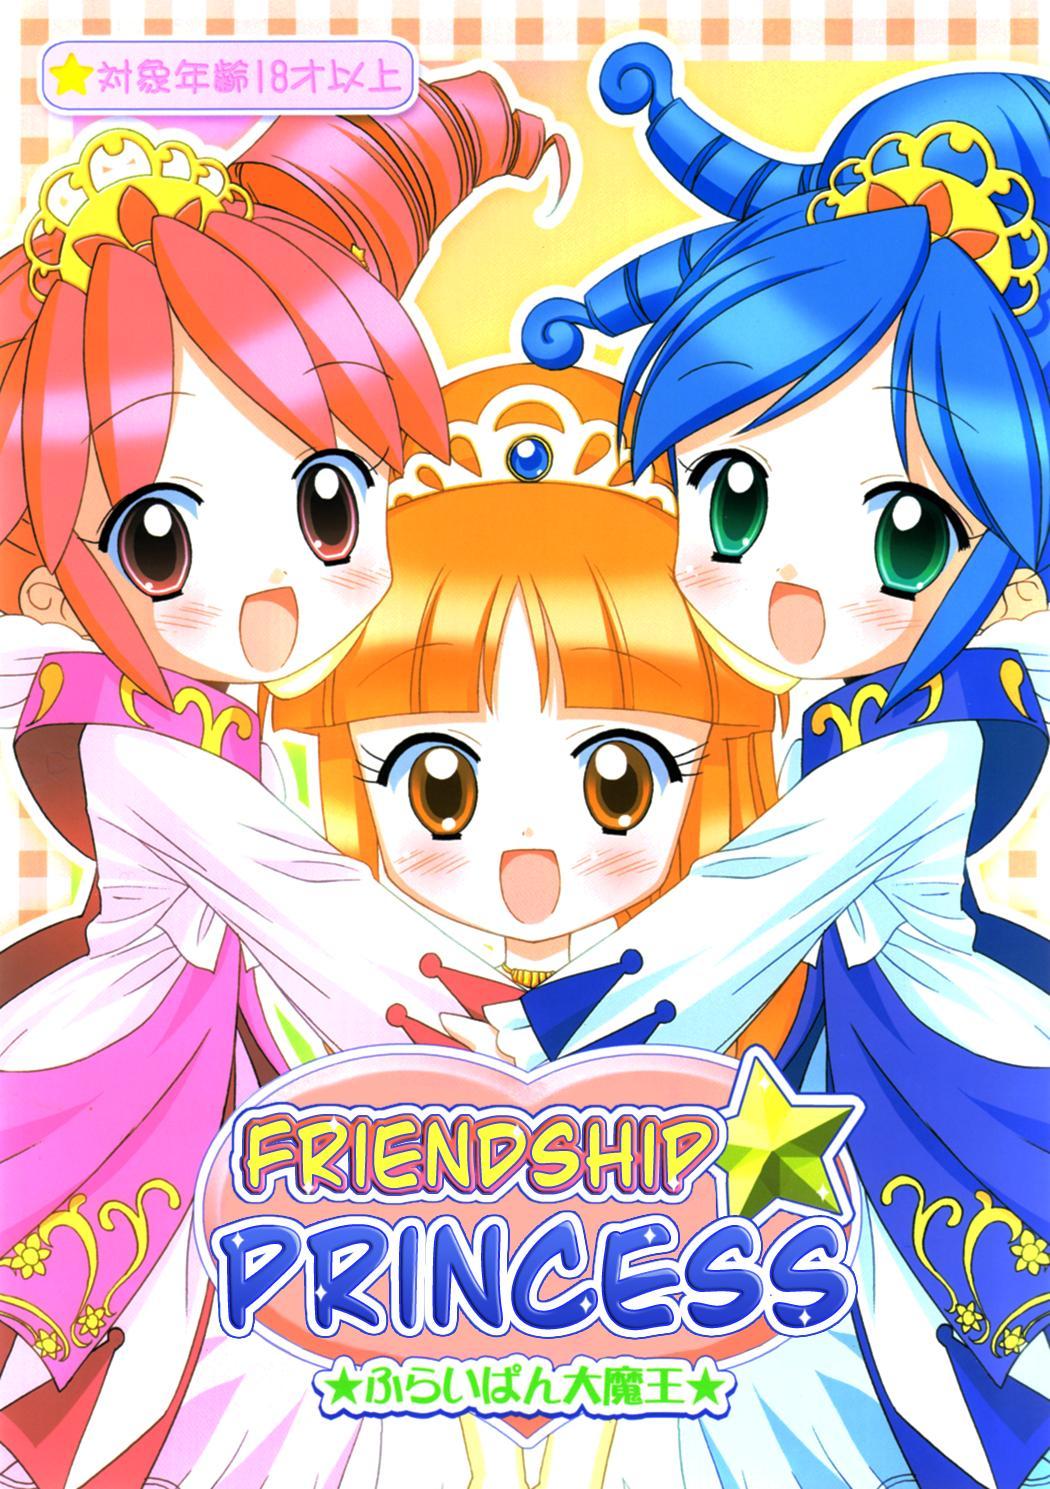 Nakayoshi Princess   Friendship Princess 0